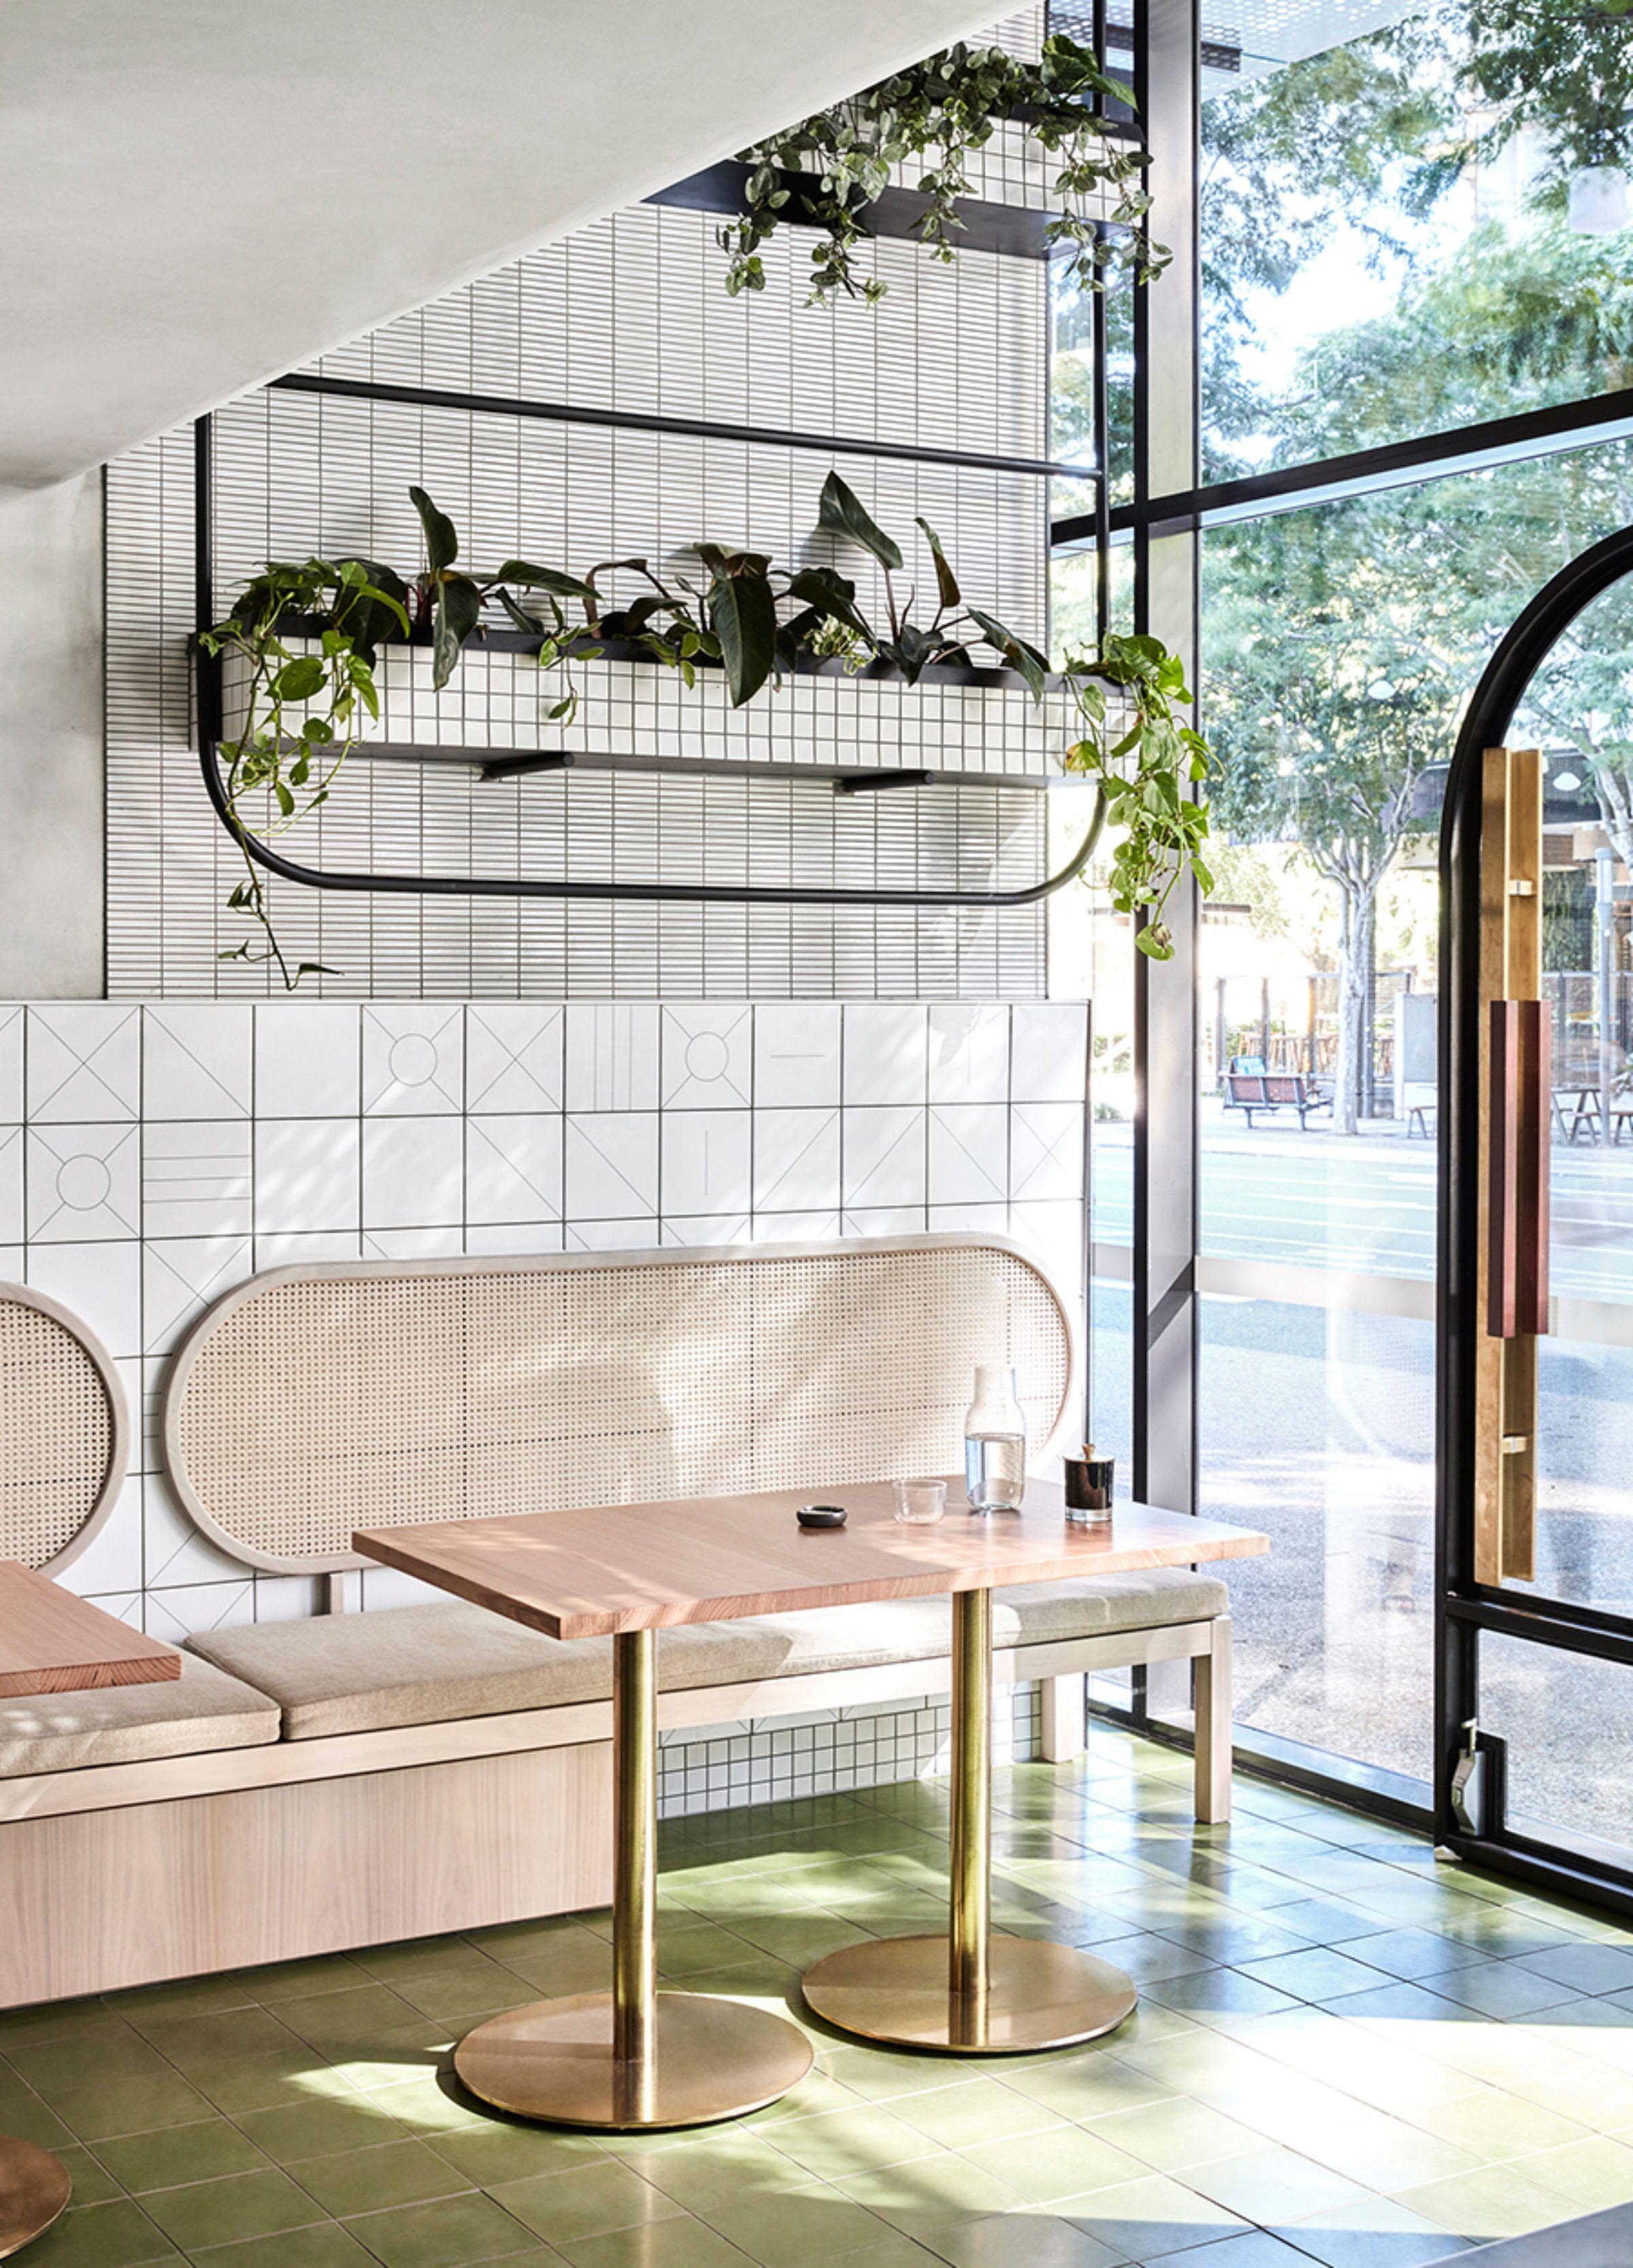 Niam brisbane designer the stella collective photographer sean fennessy restaurant design cafe interior hospitality also rh pinterest